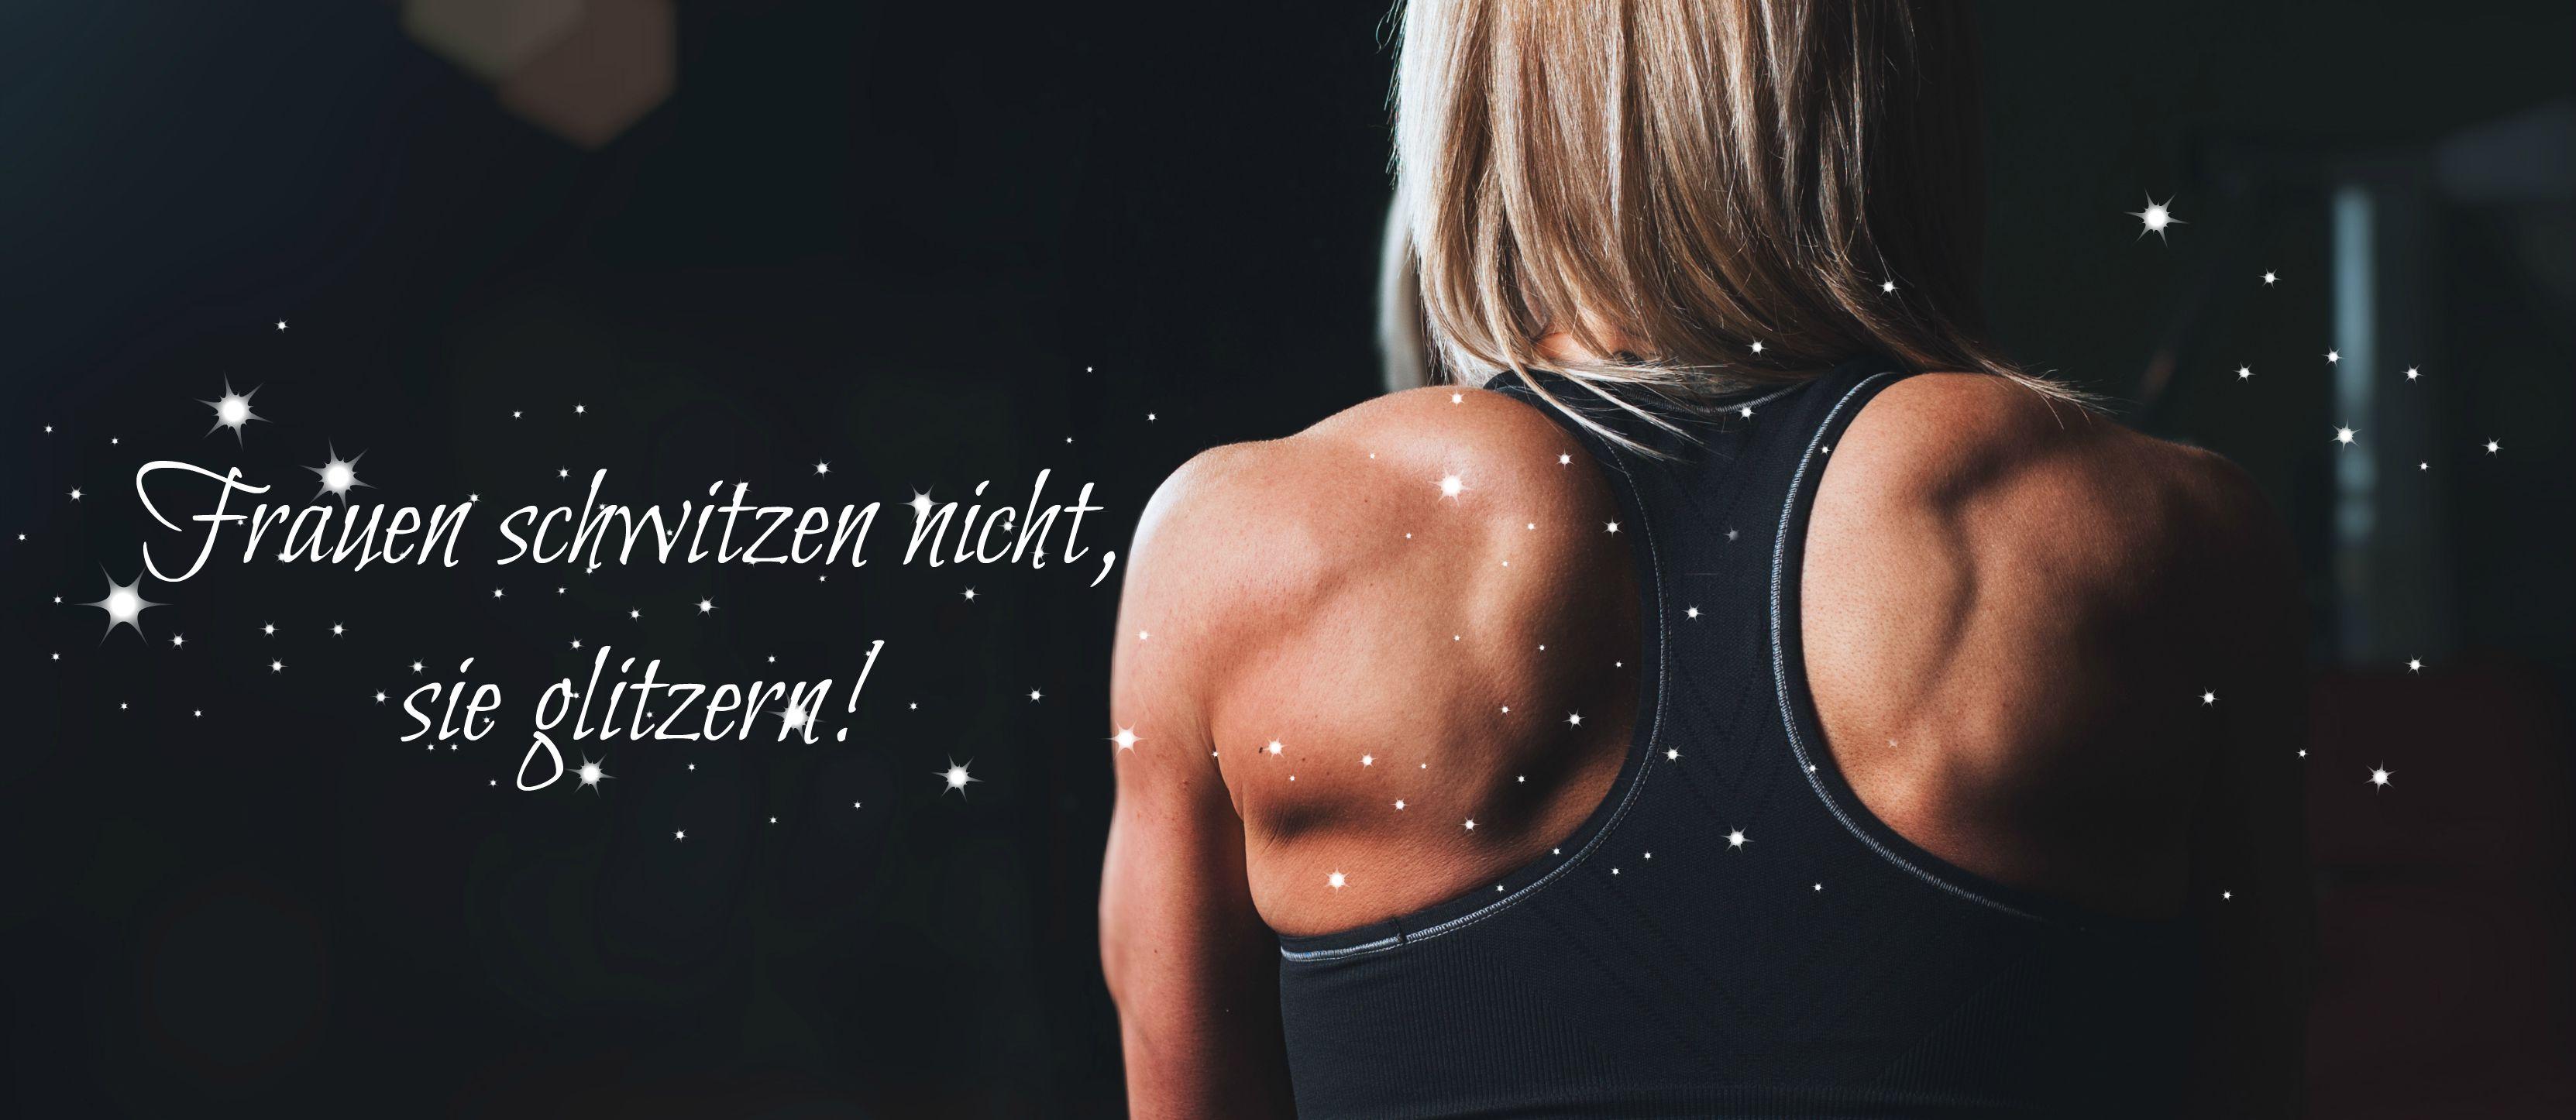 Die 9 haeufigsten Fehler, die Frauen beim Training machen Fitnesstrainer Personal Trainer Personaltrainer Online Coach Wien